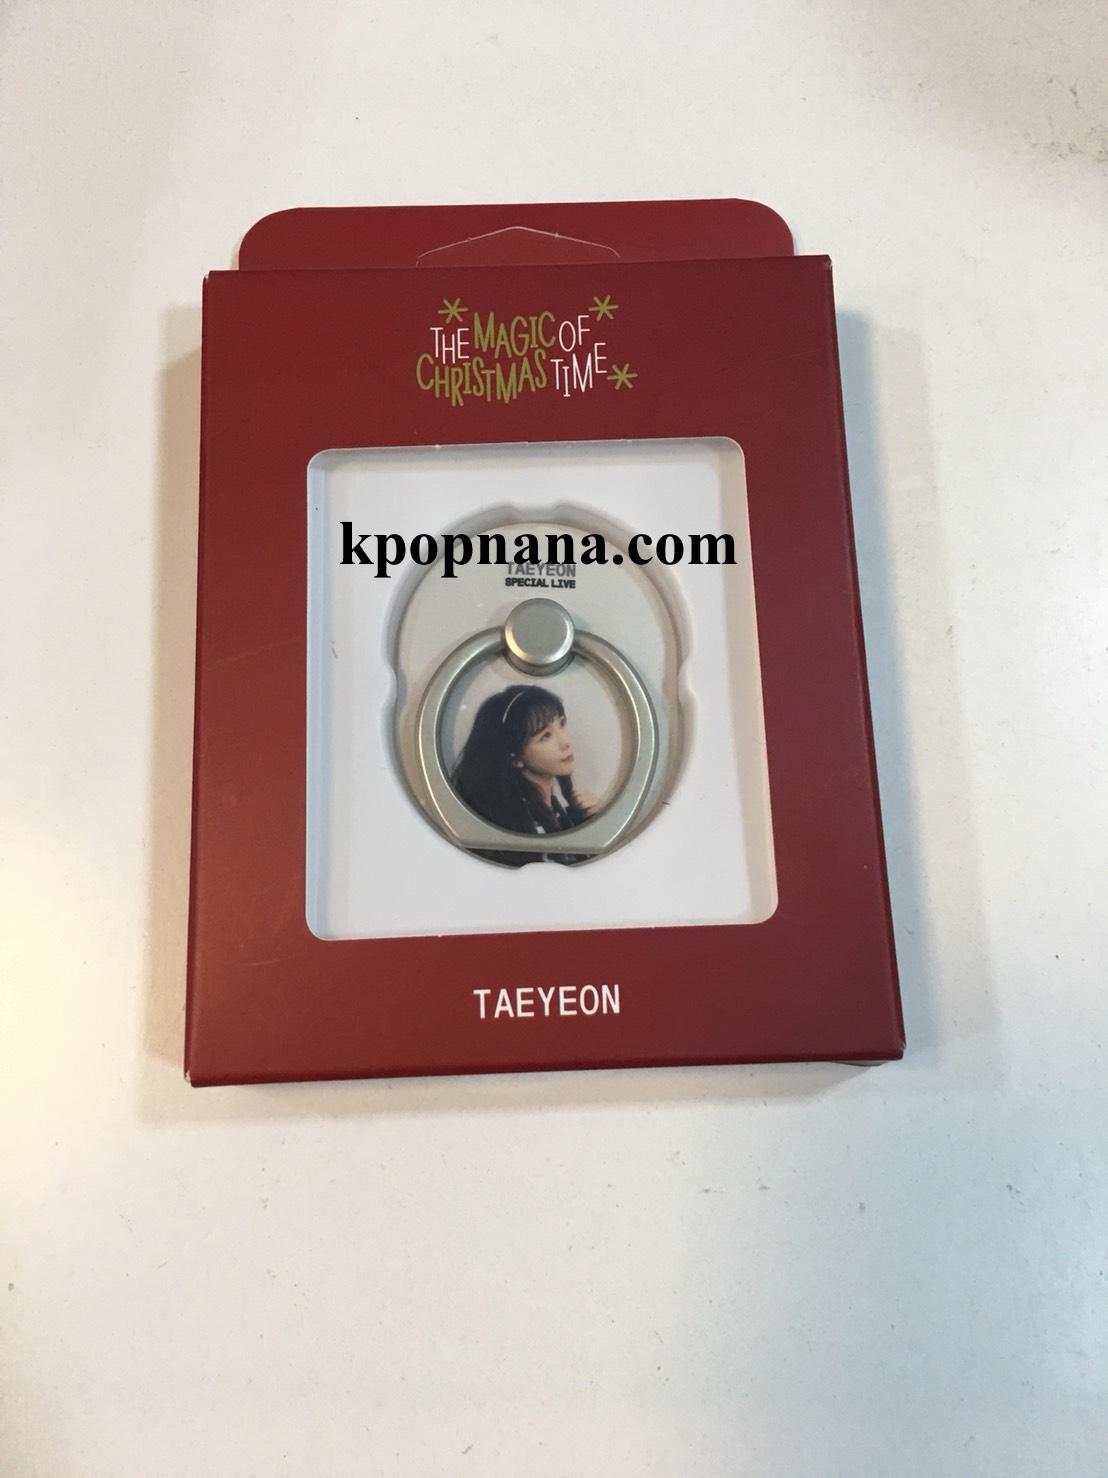 """ของหน้าคอน แทยอน TAEYEON SPECIAL LIVE """"The Magic of Christmas Time"""" -Style Ring แบบสีขาว พร้อมส่ง"""